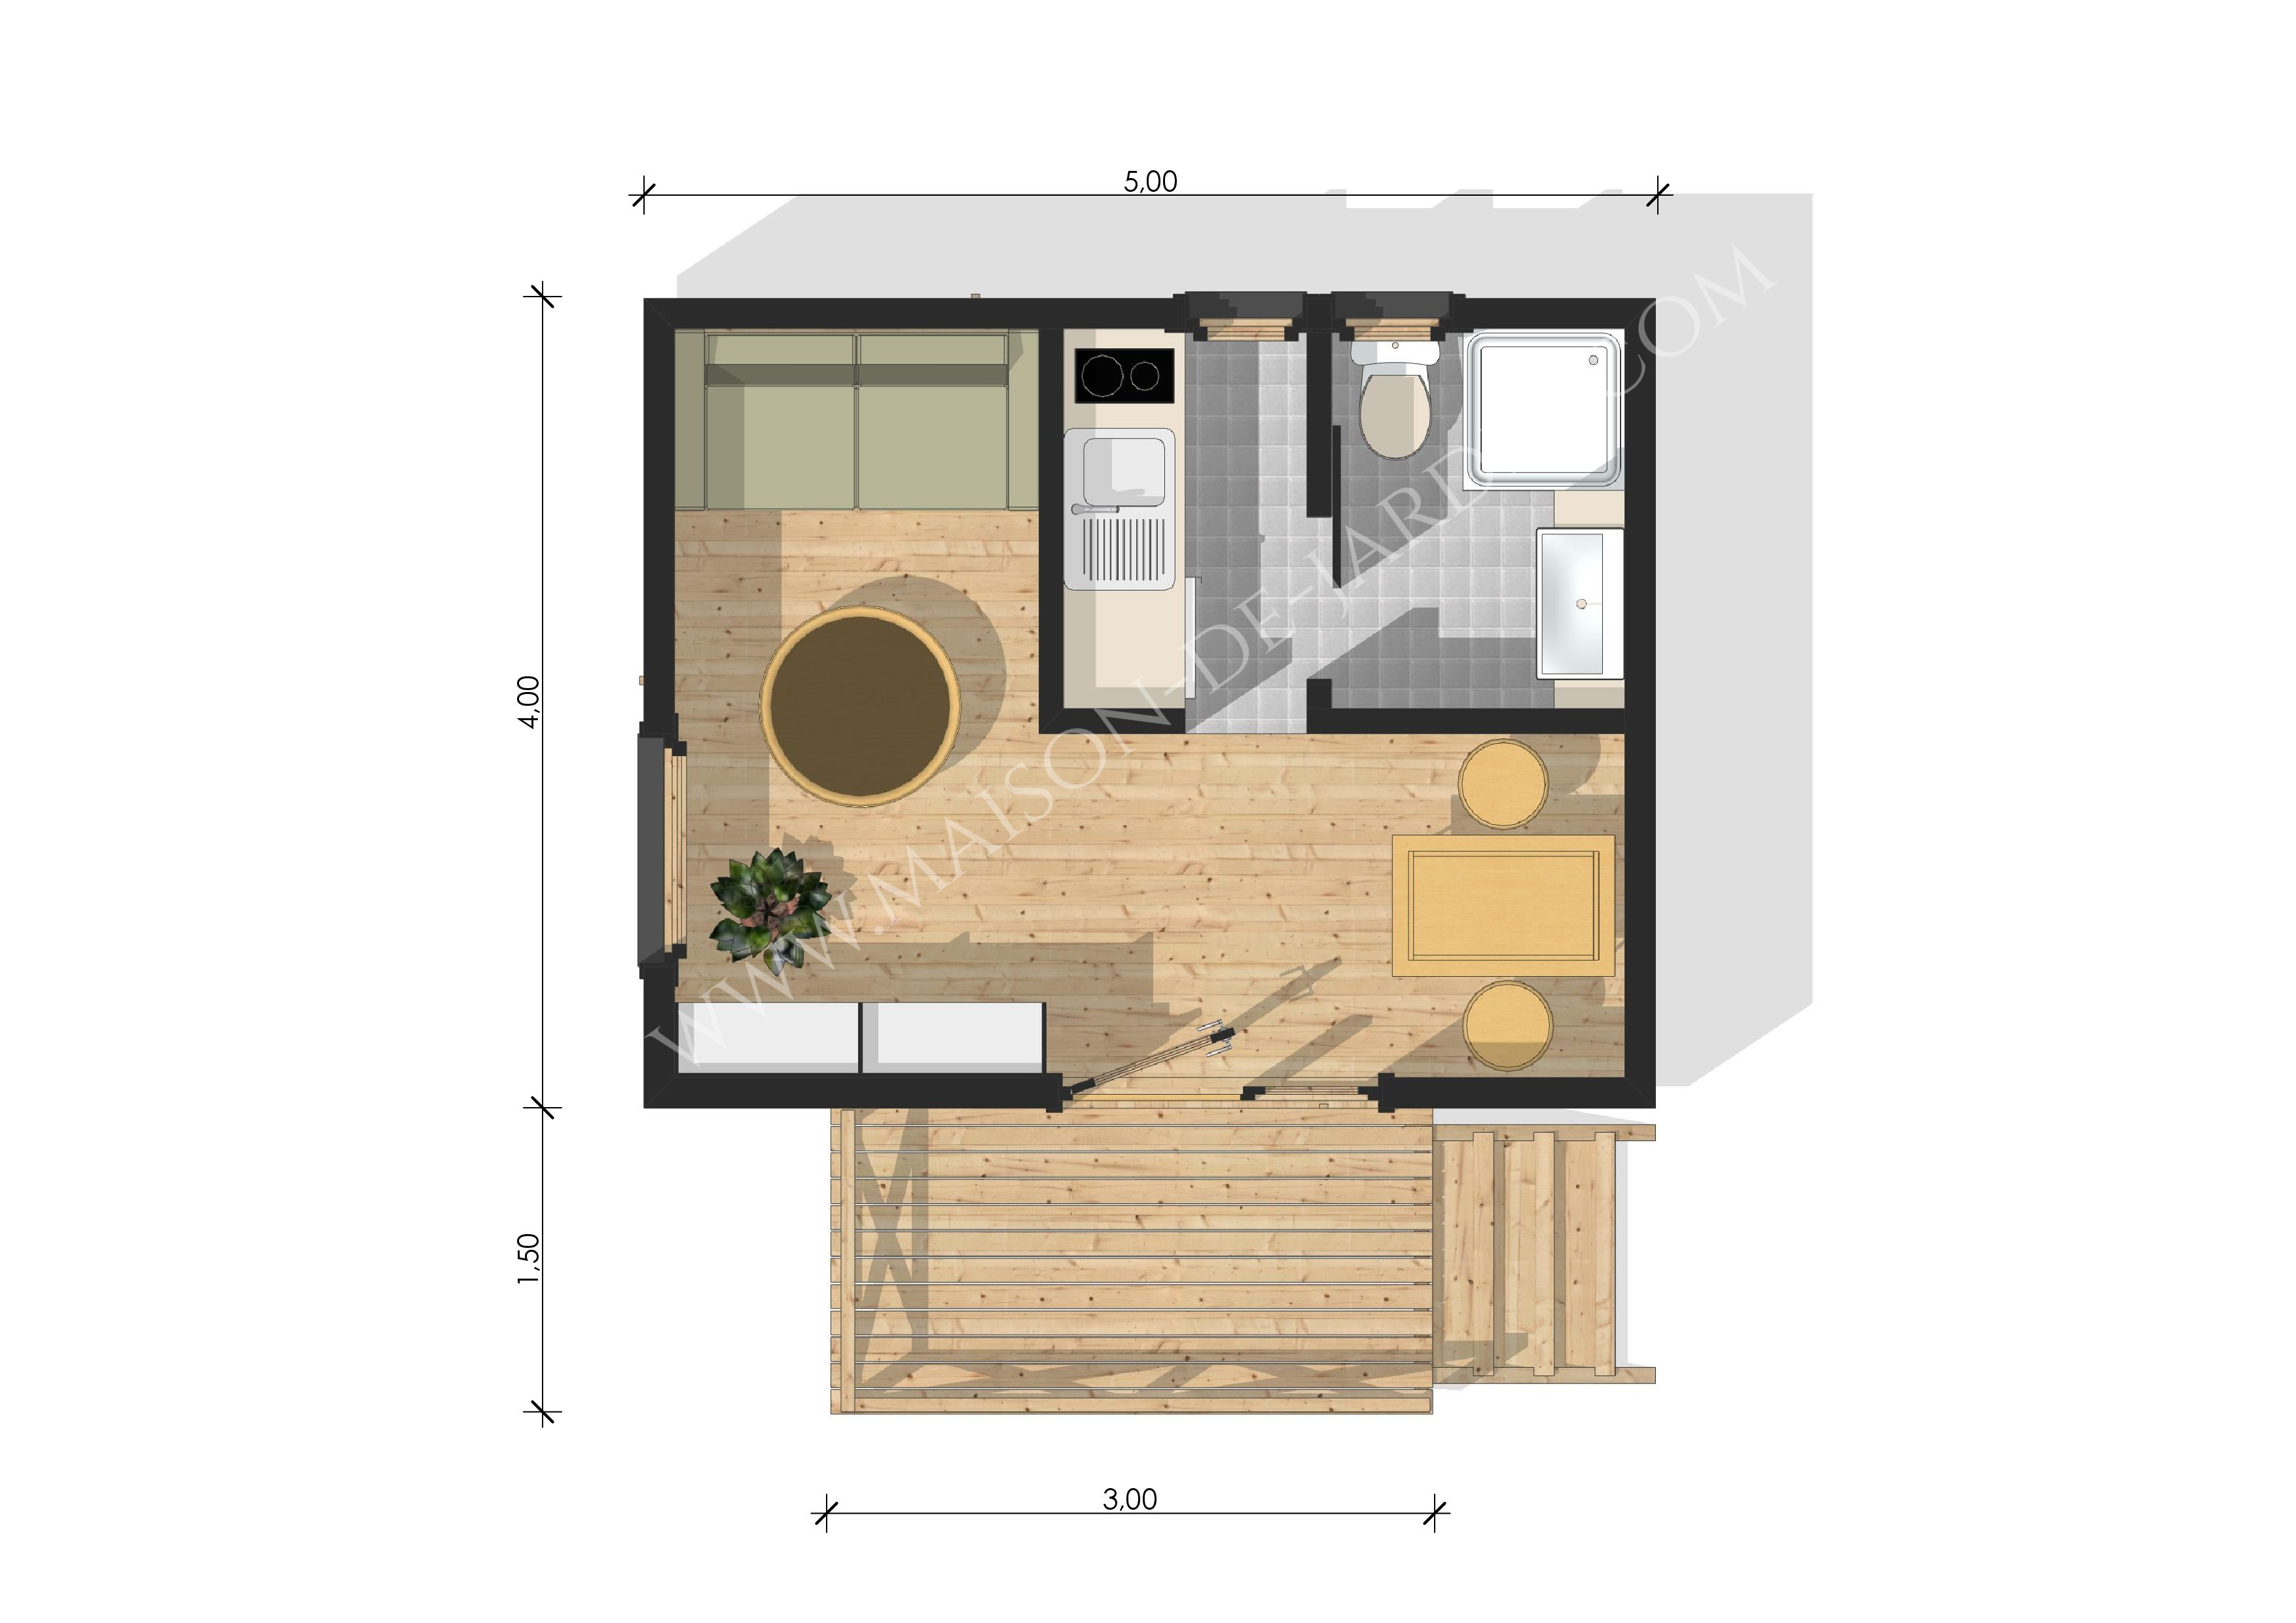 Studio de jardin avec ossature bois lyon 20 m 23490 ttc livr mont cl en main - Plan studio studio m ...